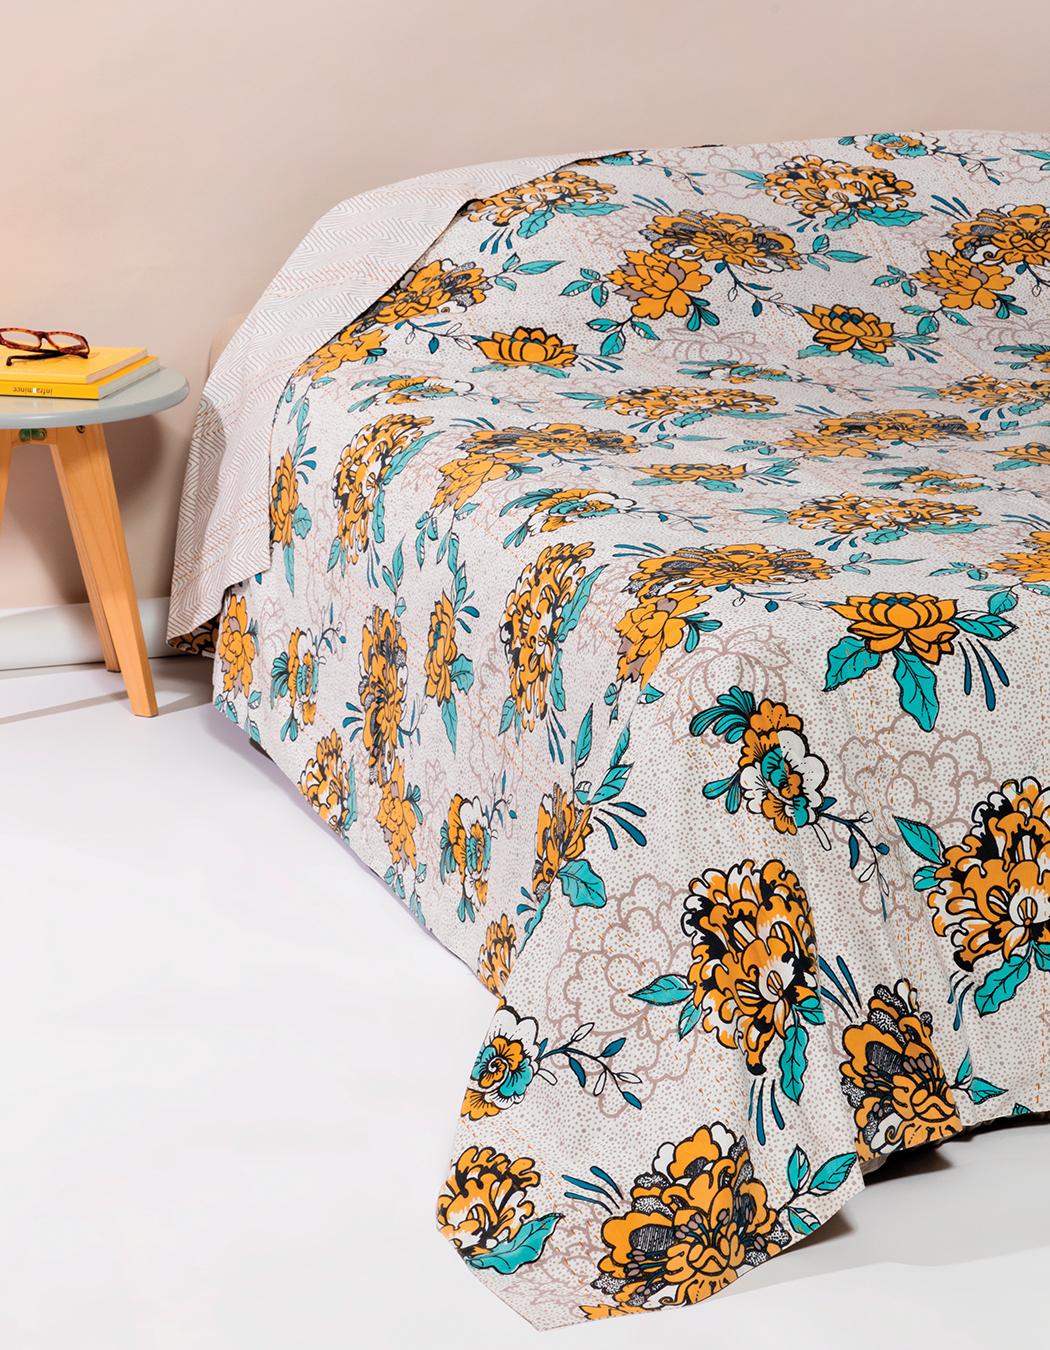 Jeté de lit surpiqué en coton gres 240 x 260